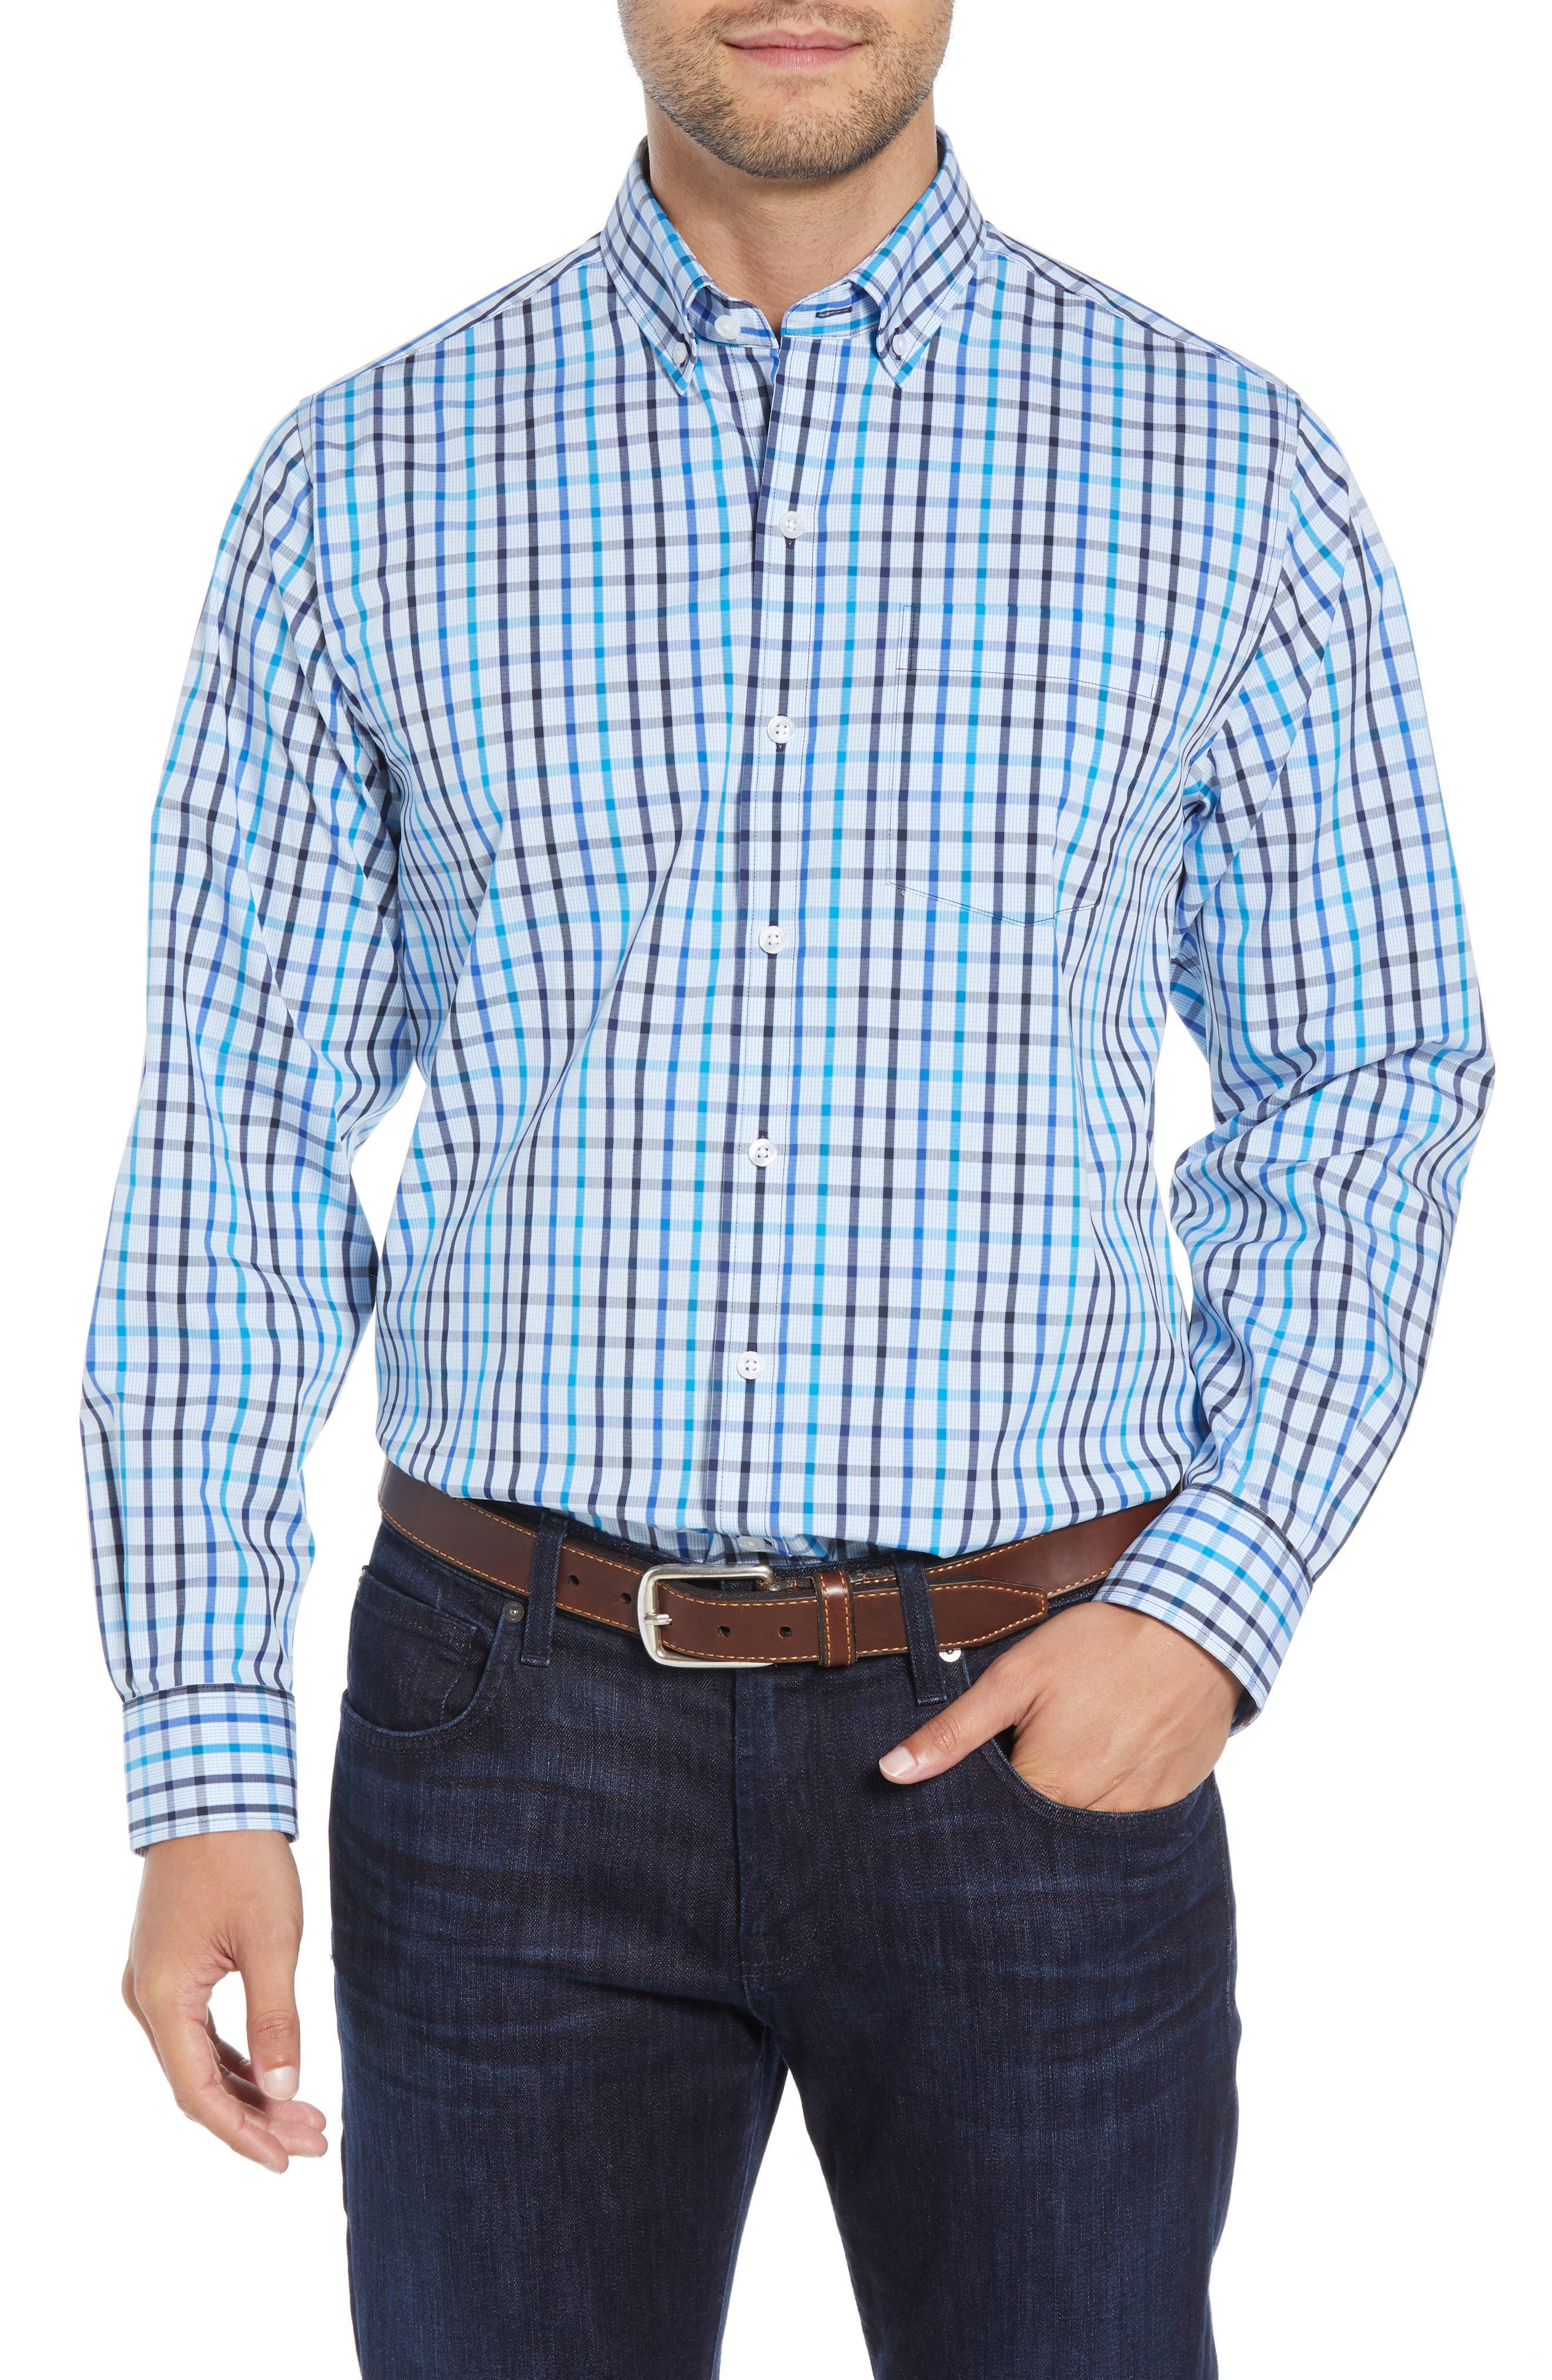 Clarence Regular Fit Plaid Sport Shirt,                             Main thumbnail 1, color,                             LIBERTY NAVY